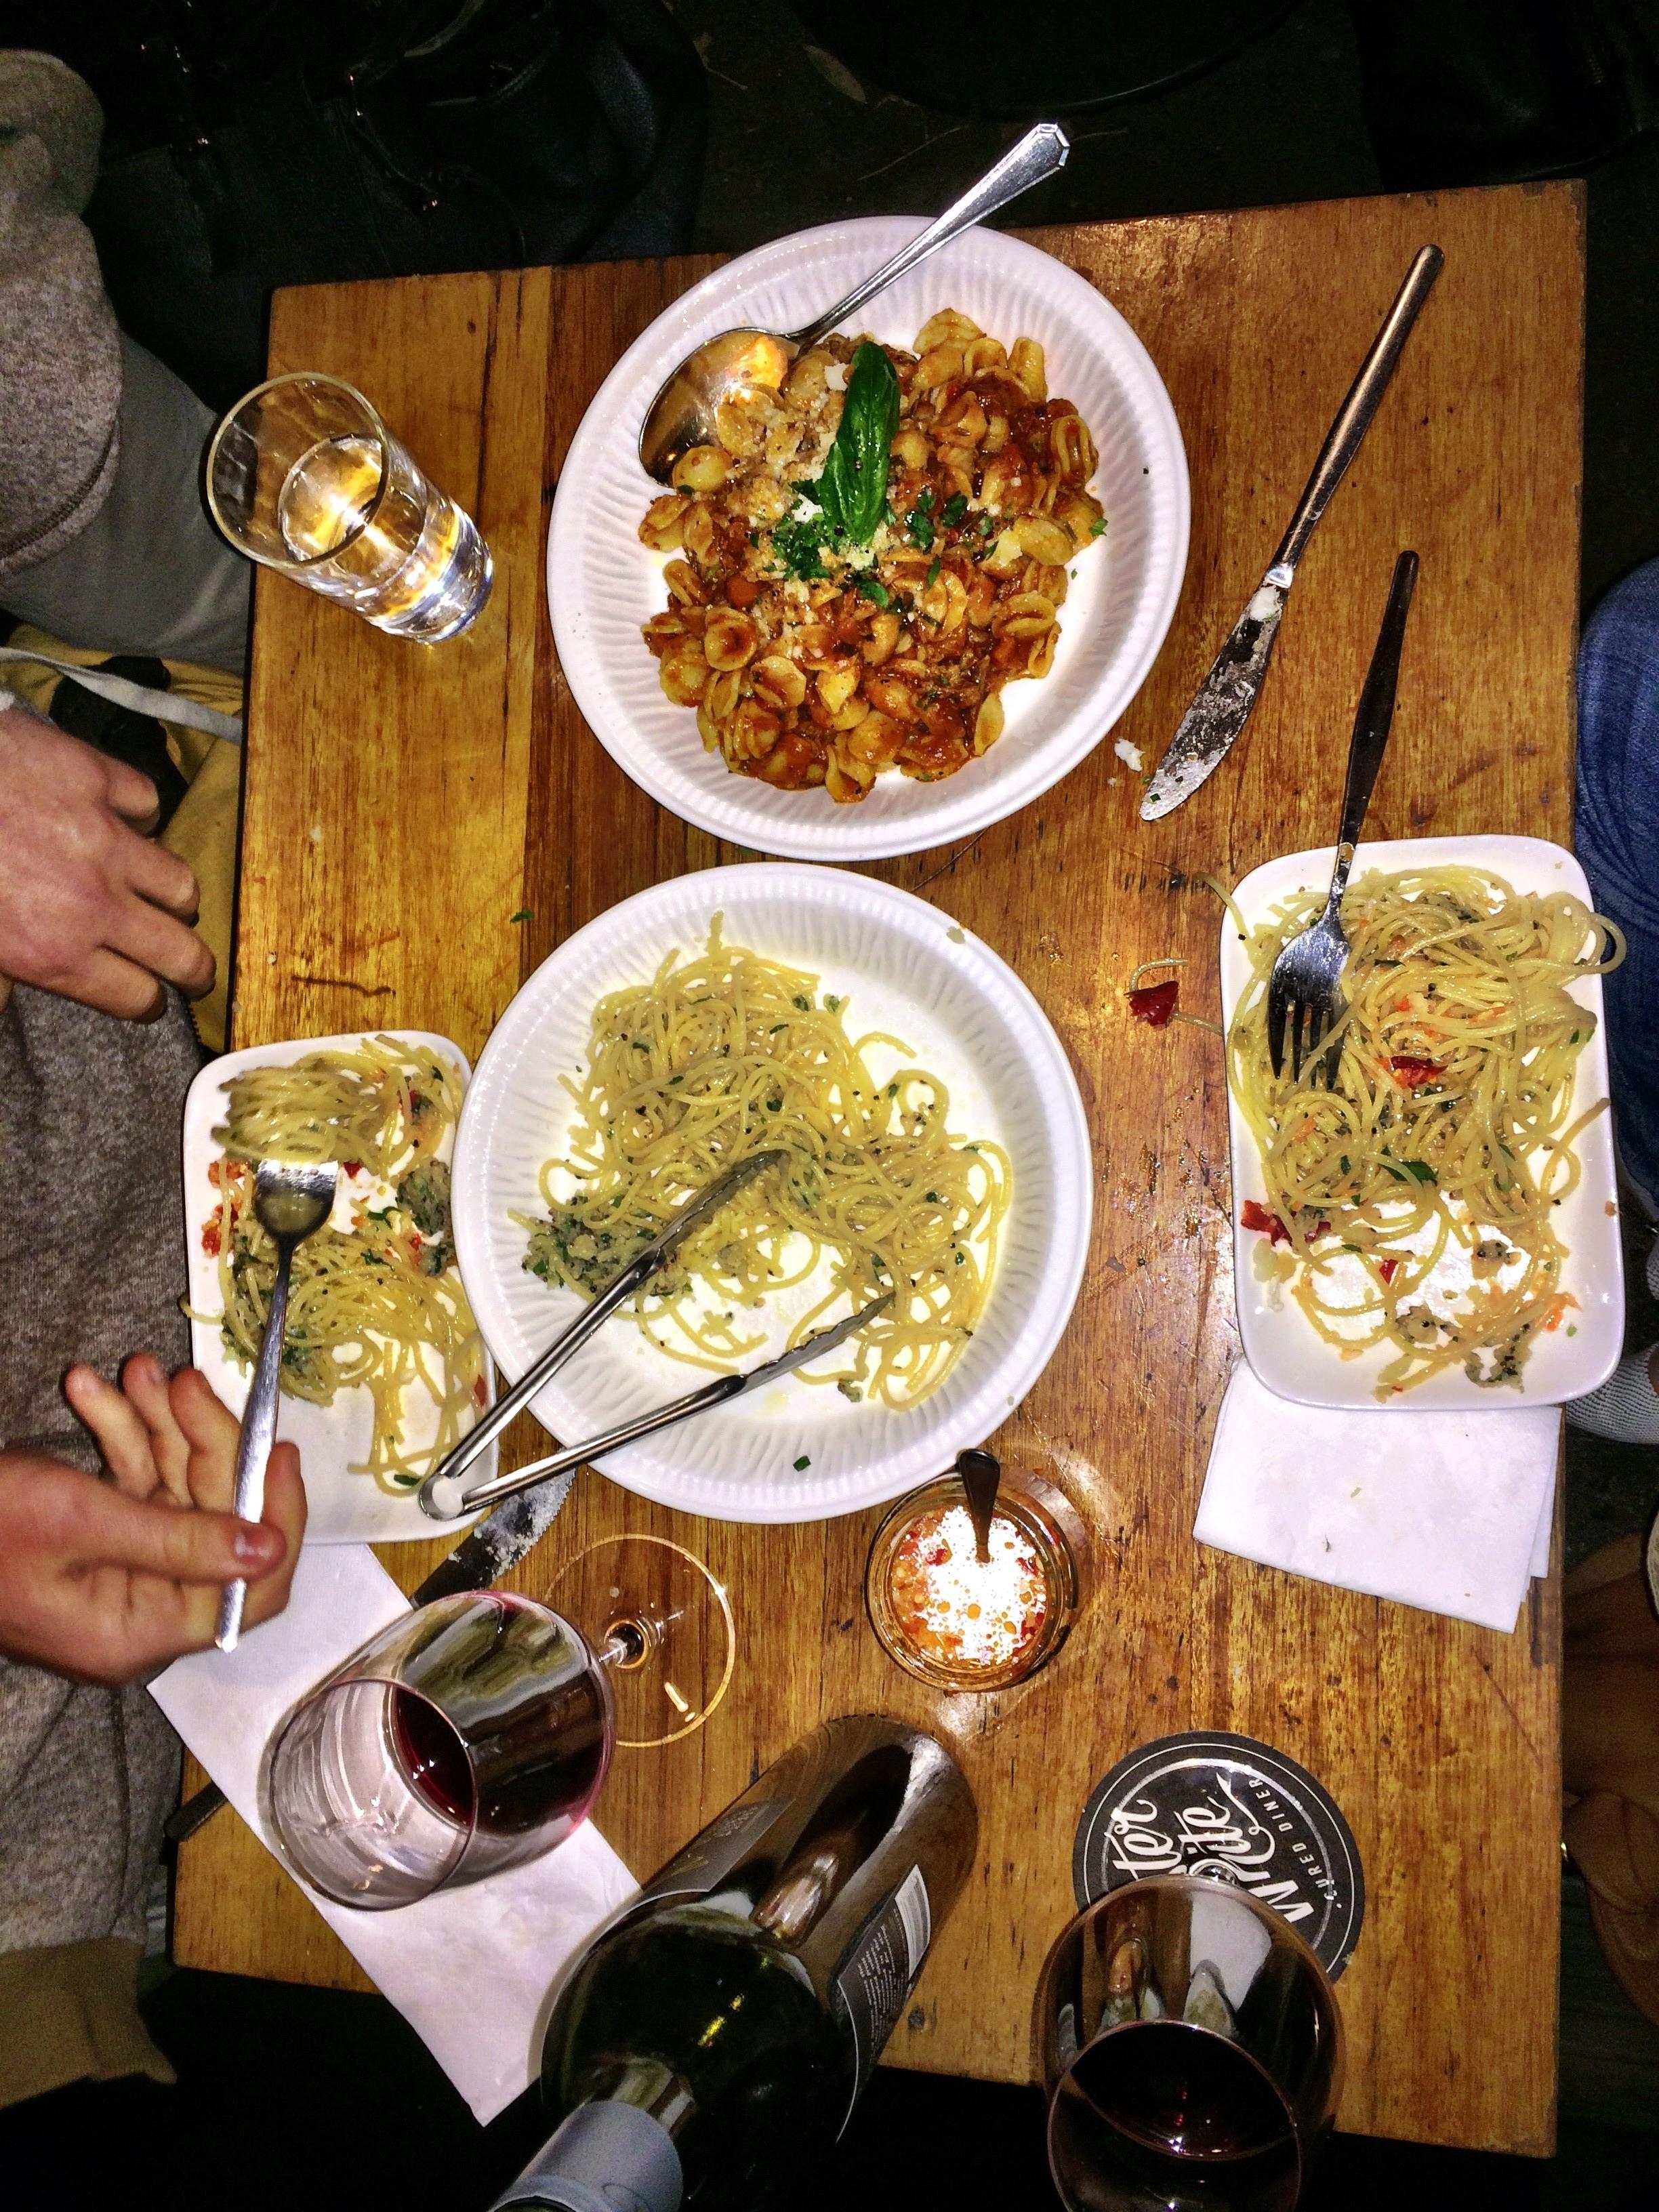 Buffalo-dining-club-sydney-e1458901301525.jpg